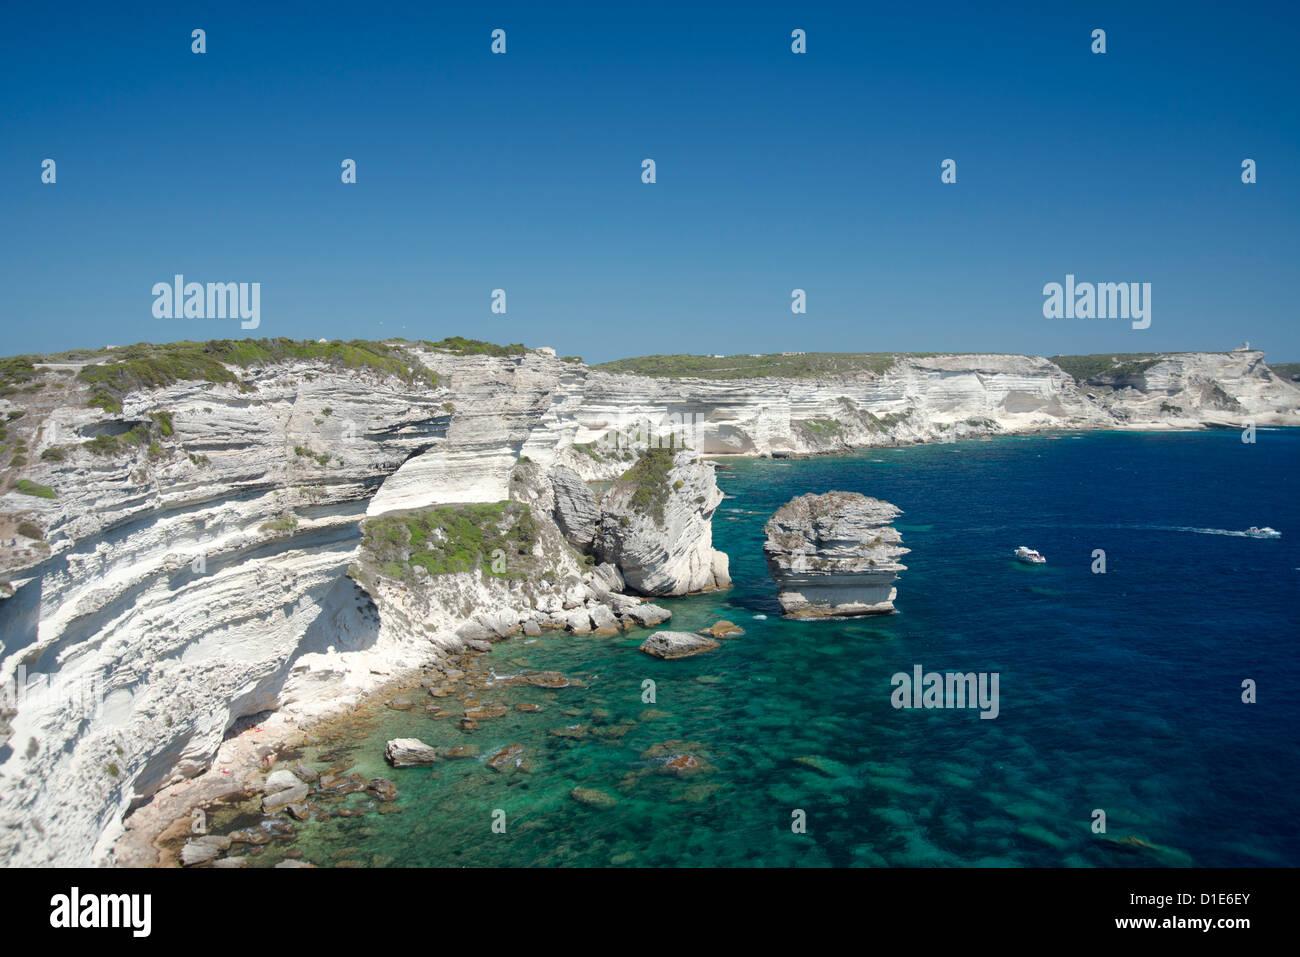 White limestone cliffs above emerald sea in Bonifacio, Corsica, France, Mediterranean, Europe - Stock Image